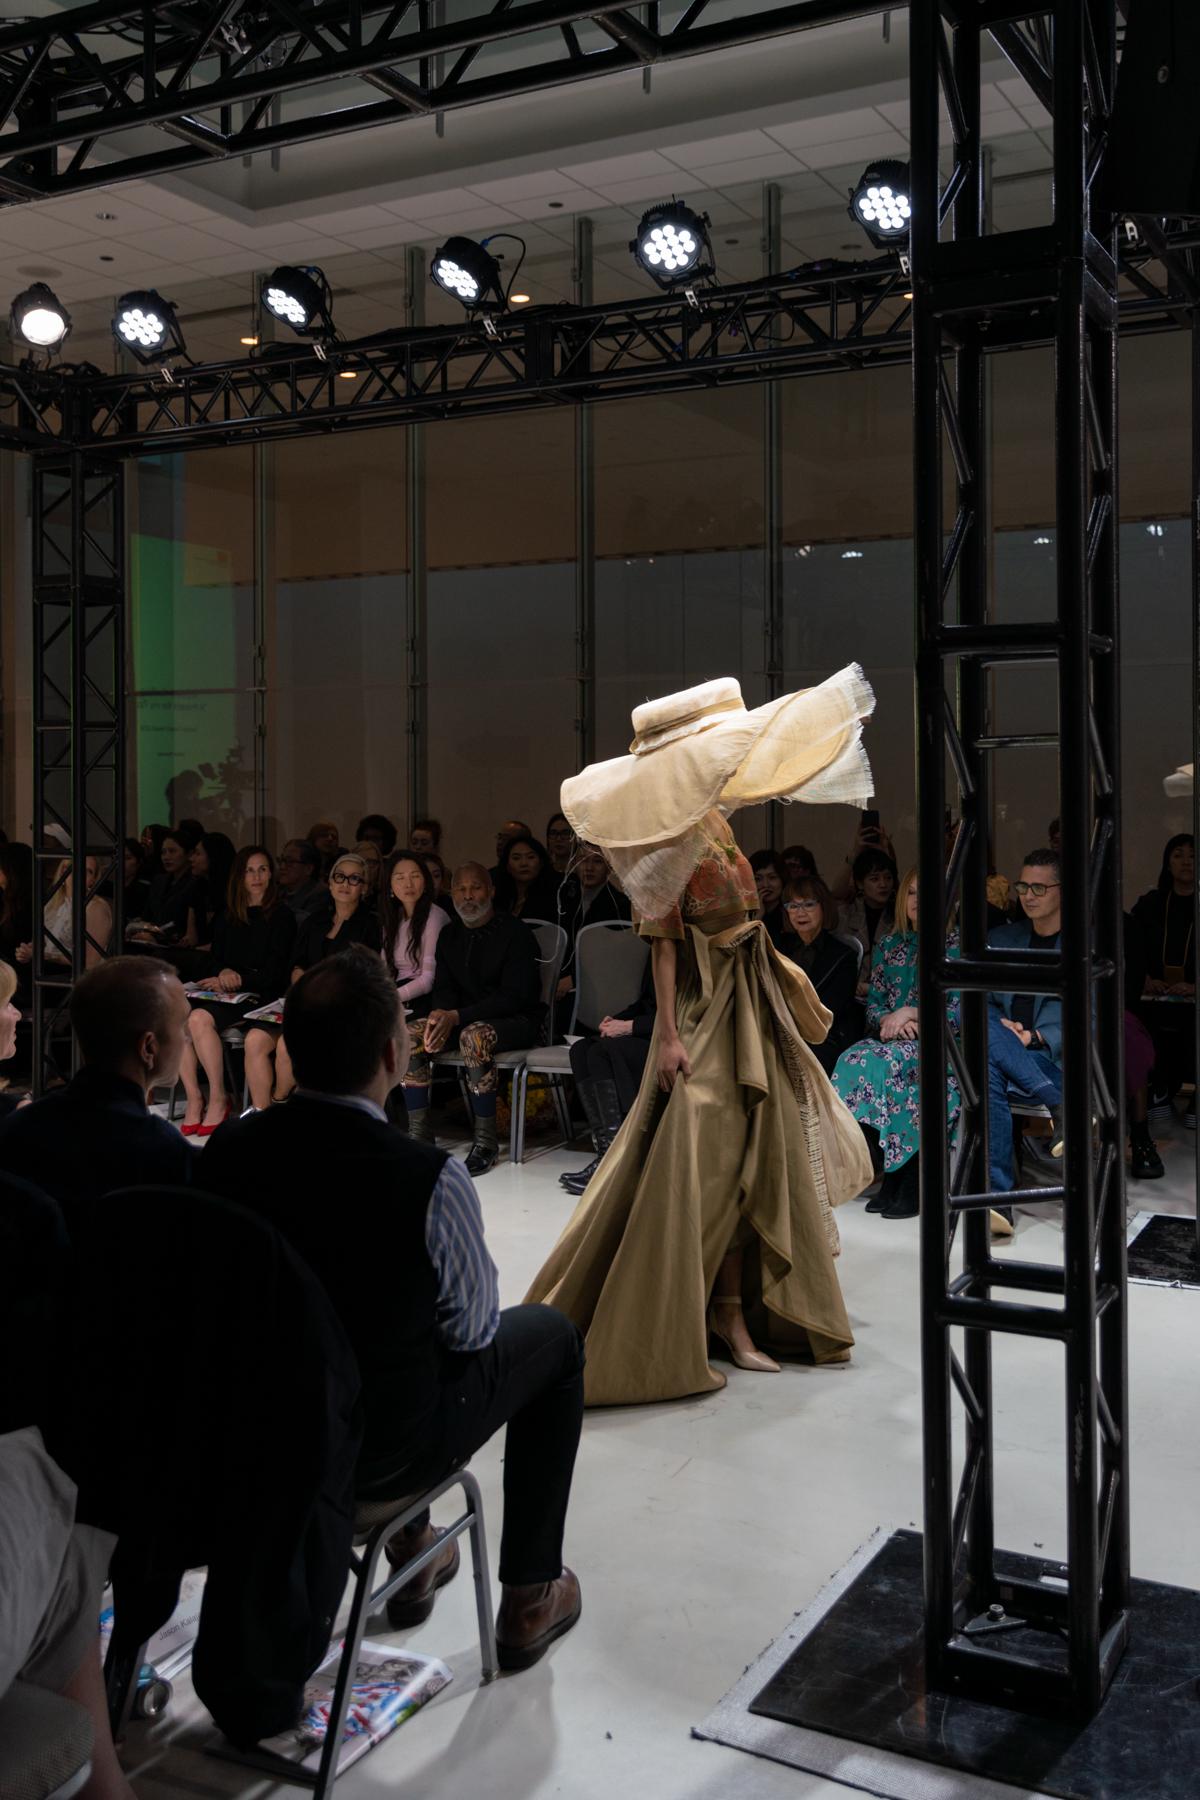 connor_fenwick_saic_fashion_event_adrean_03.jpg